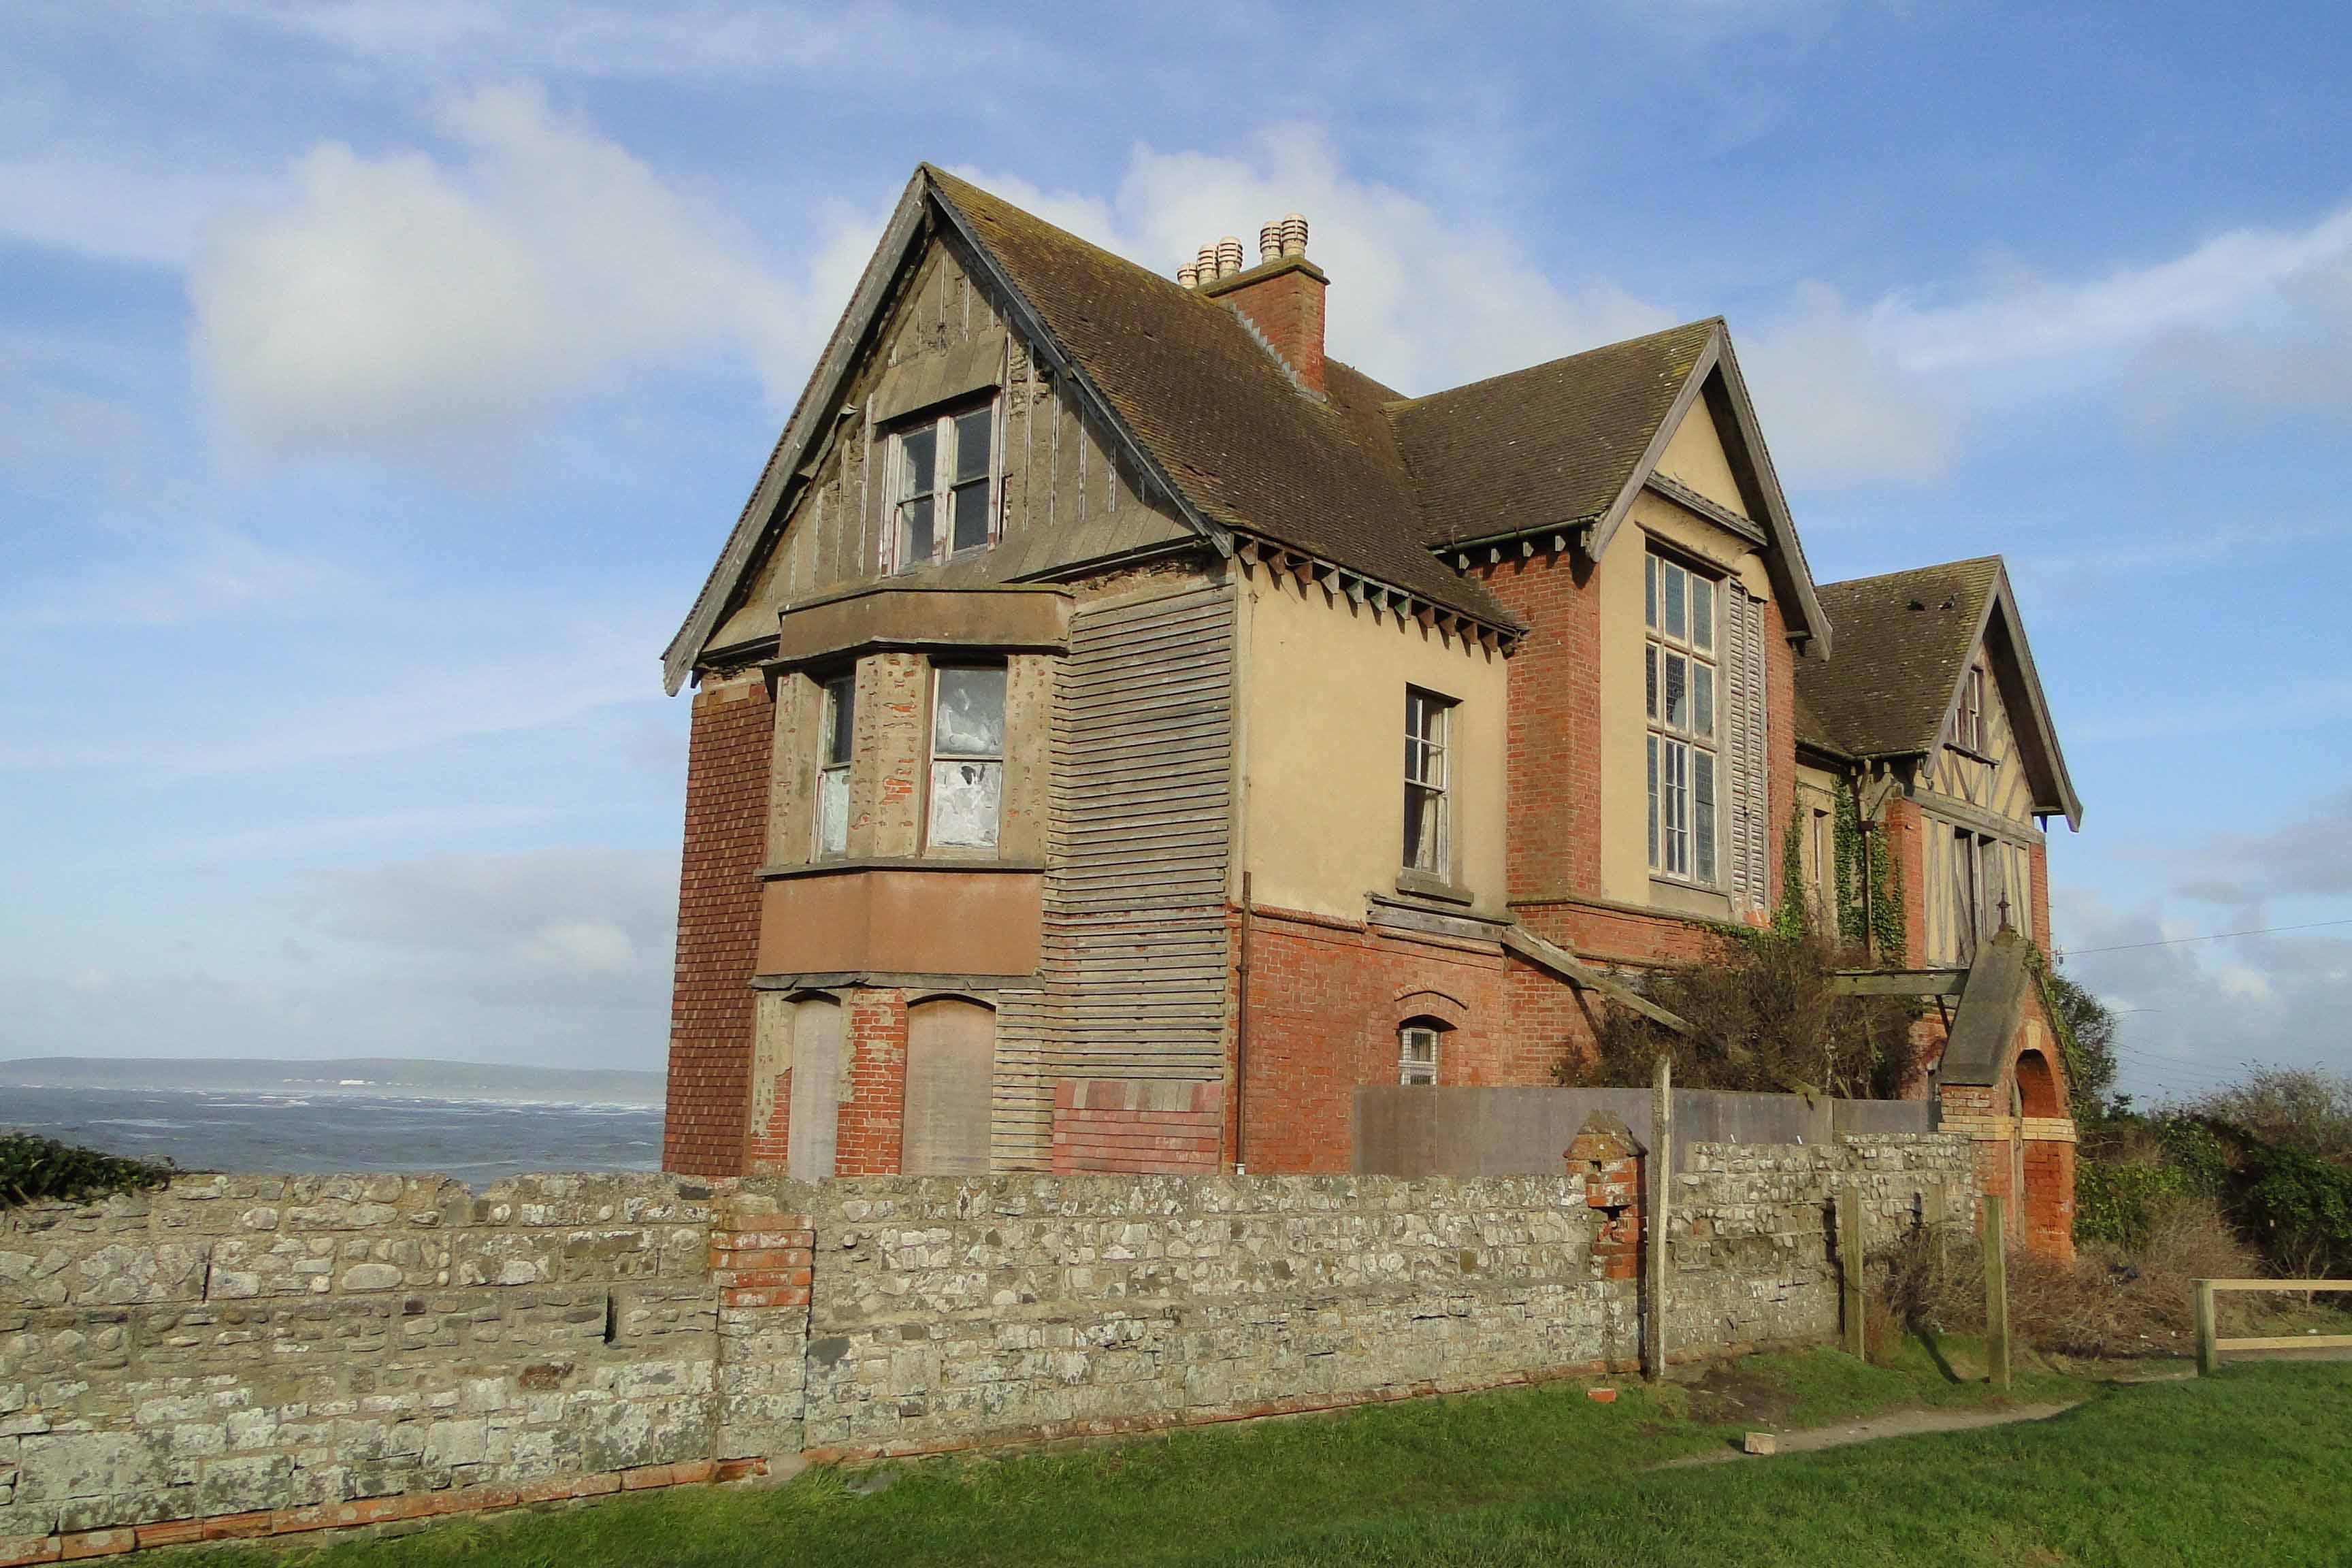 В Англии продают популярный в соцсетях «дом с привидениями»